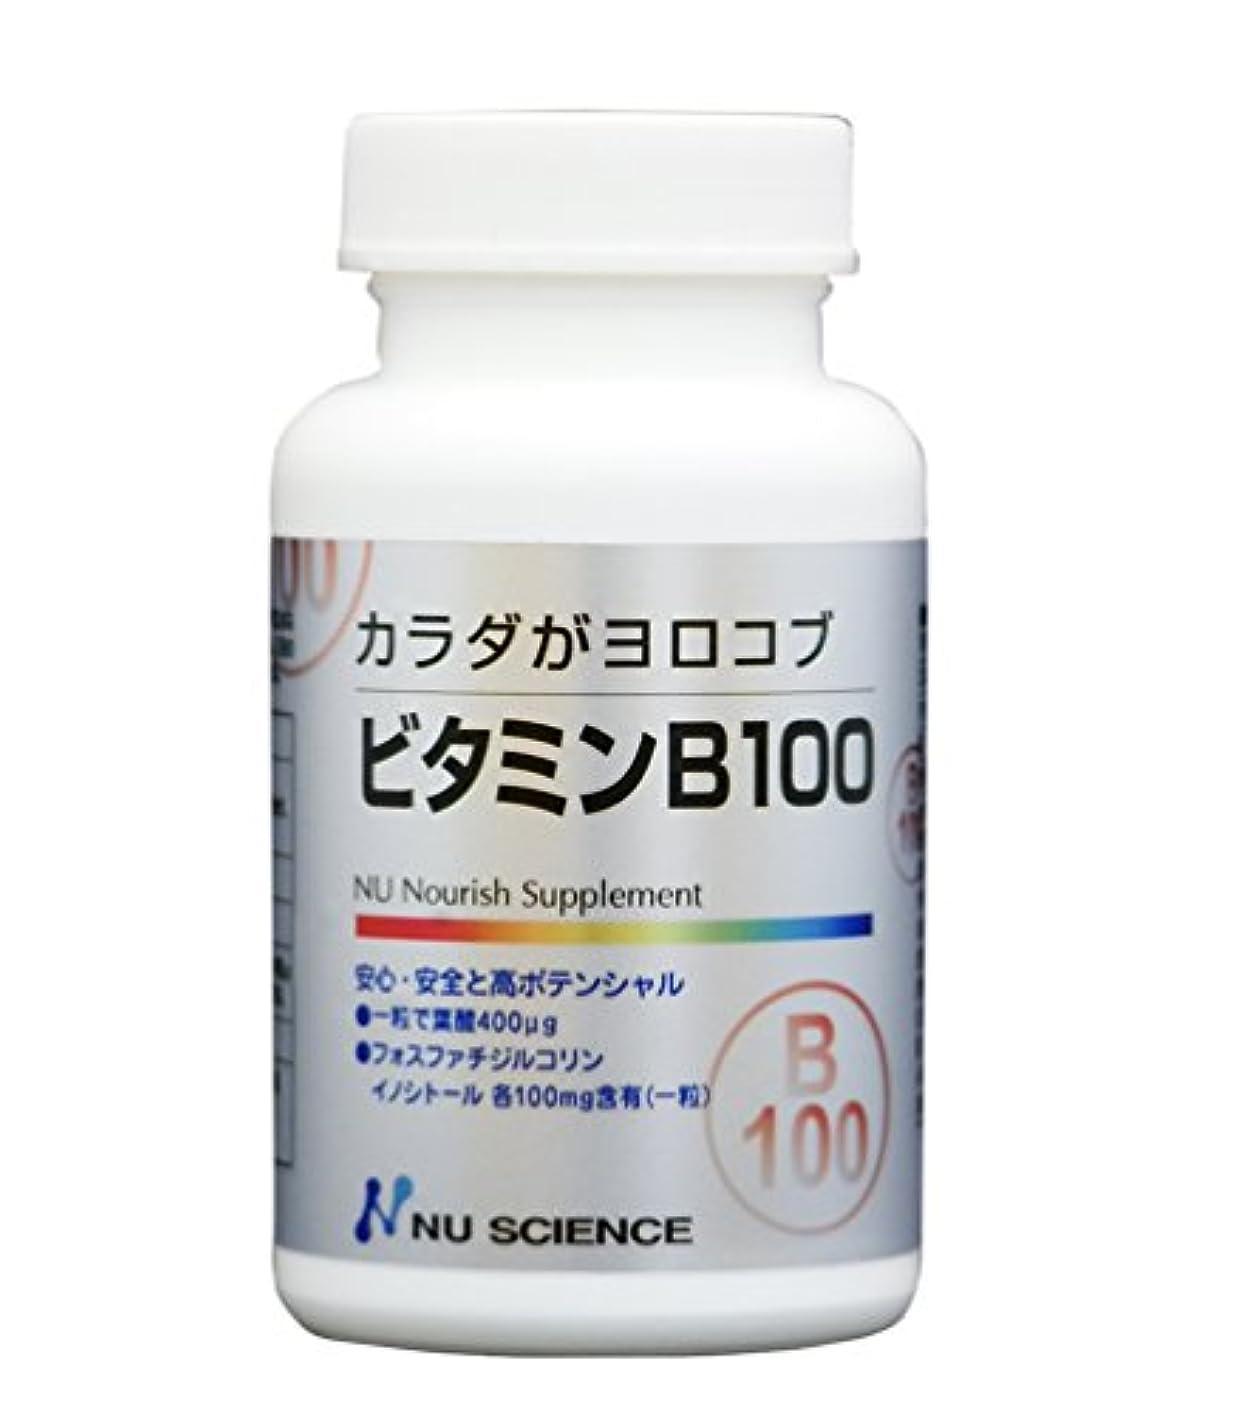 ビタミンB100 60粒